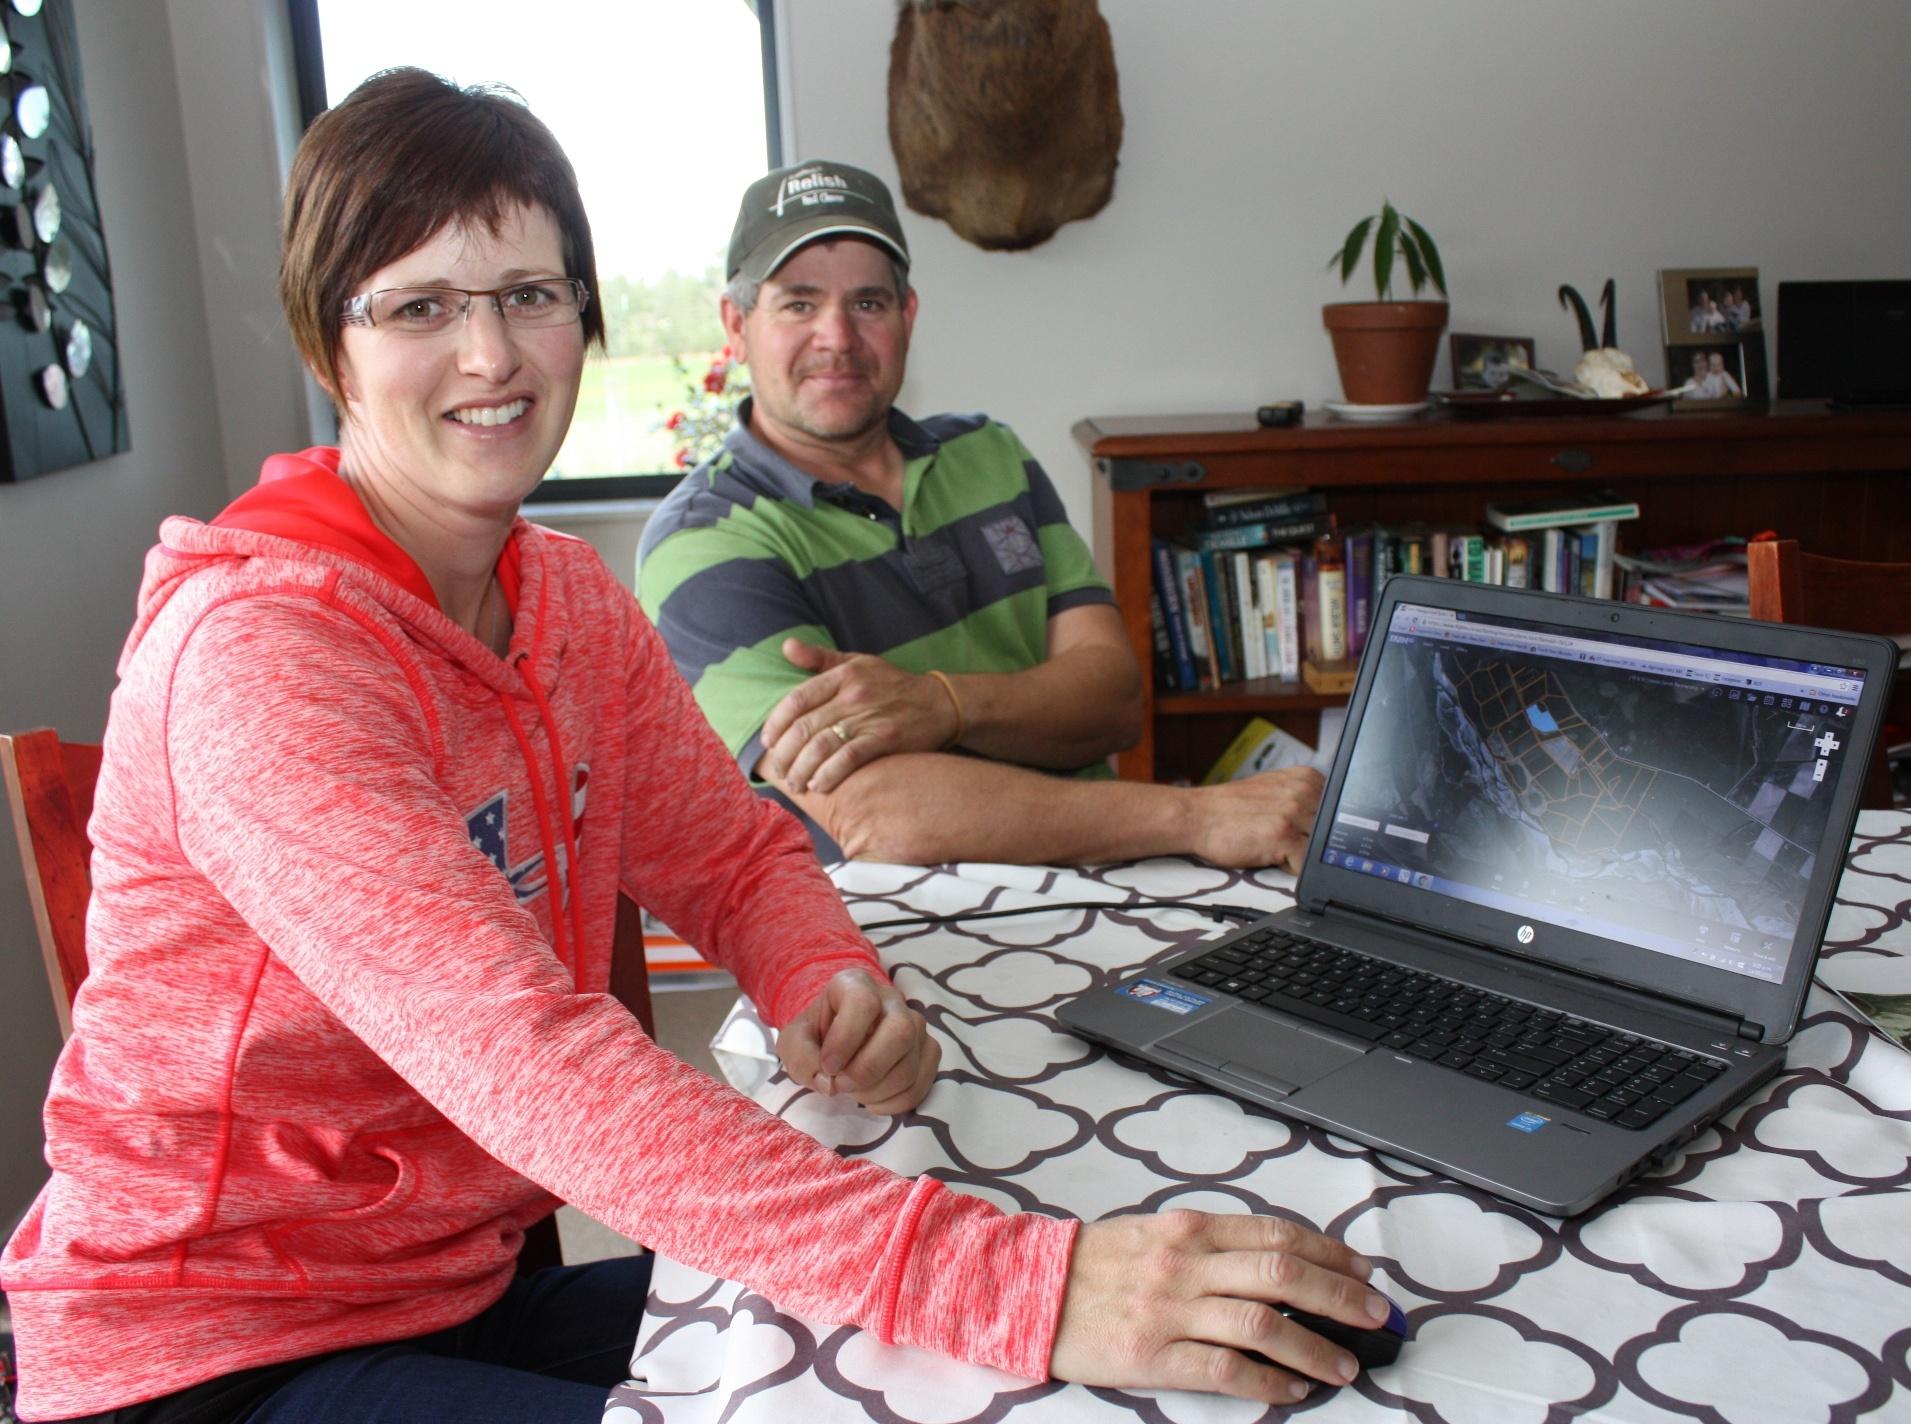 Megan & Justin Vande Sandt - Farm software is making the bookwork easier